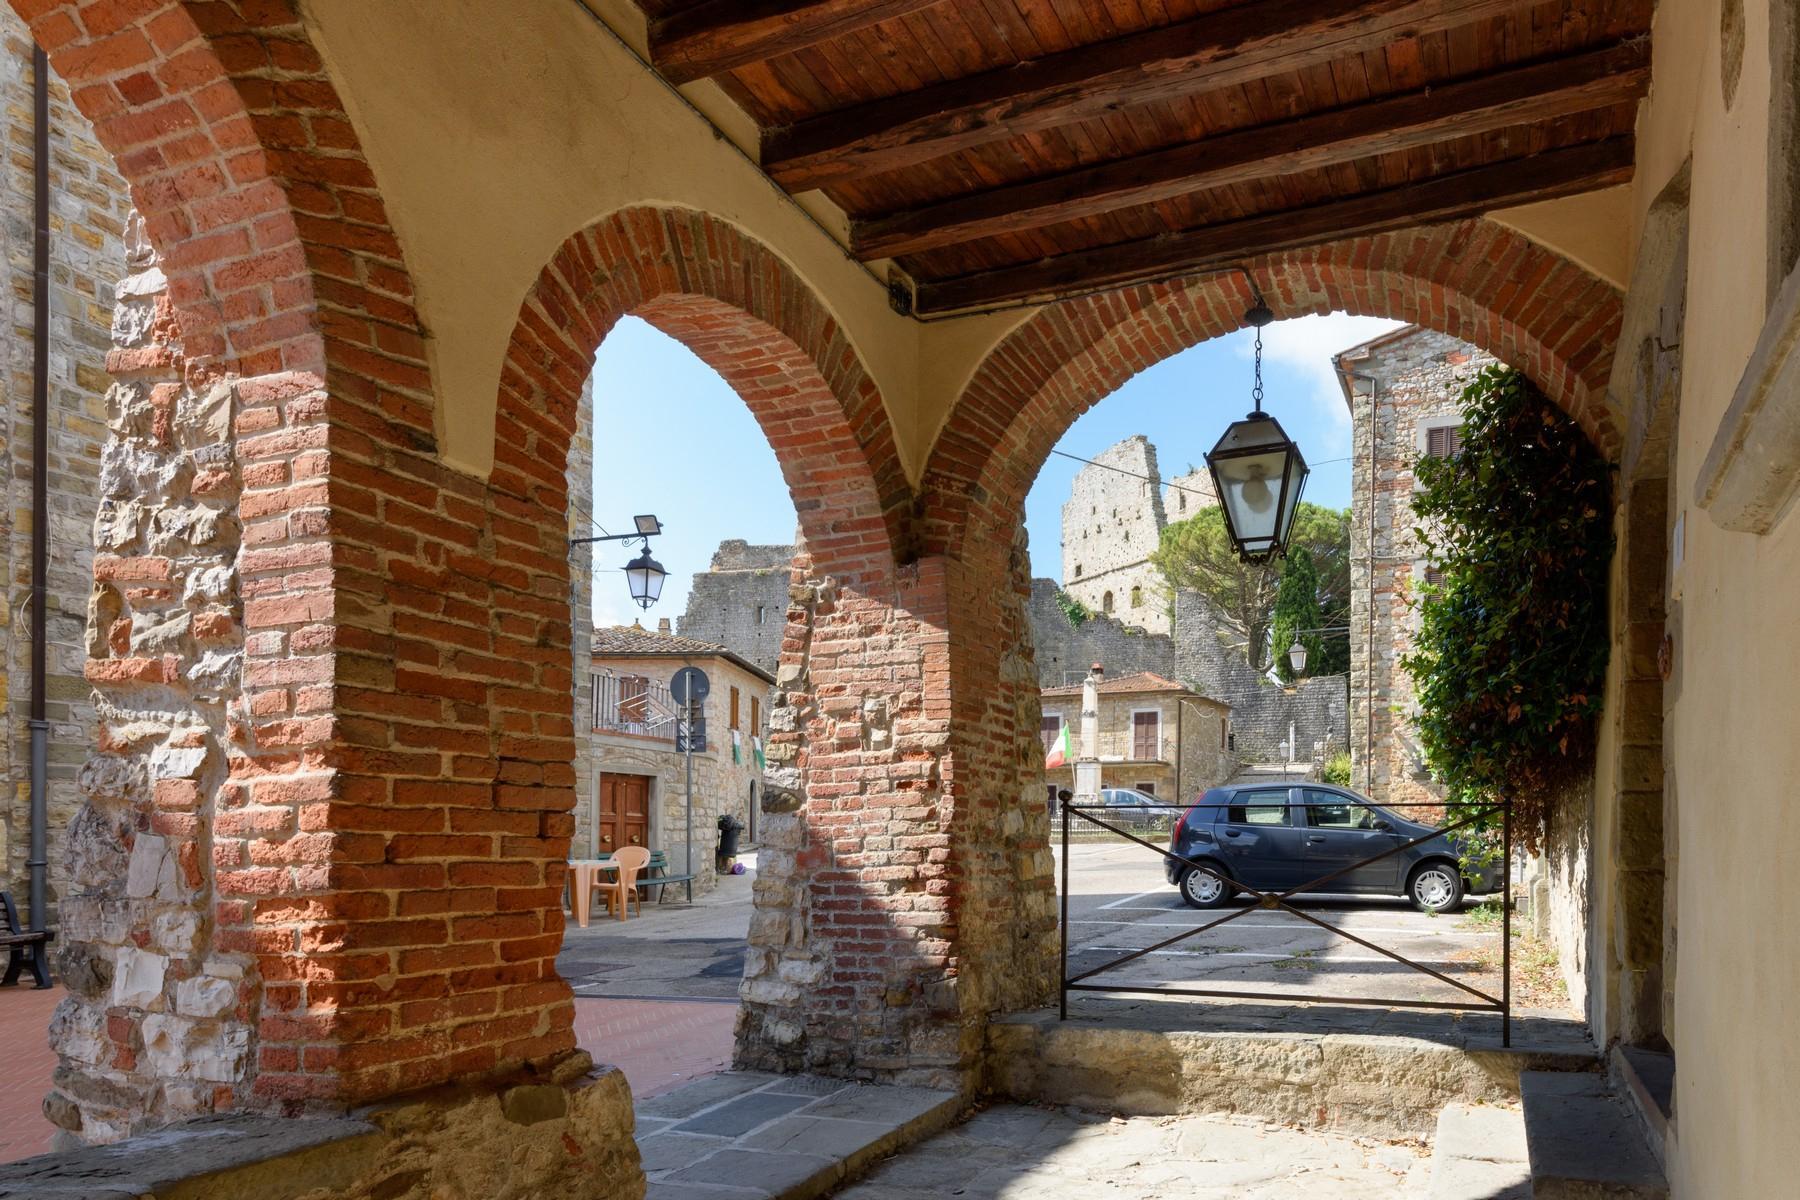 Val di Chiana中心地带10世纪的建筑 - 3